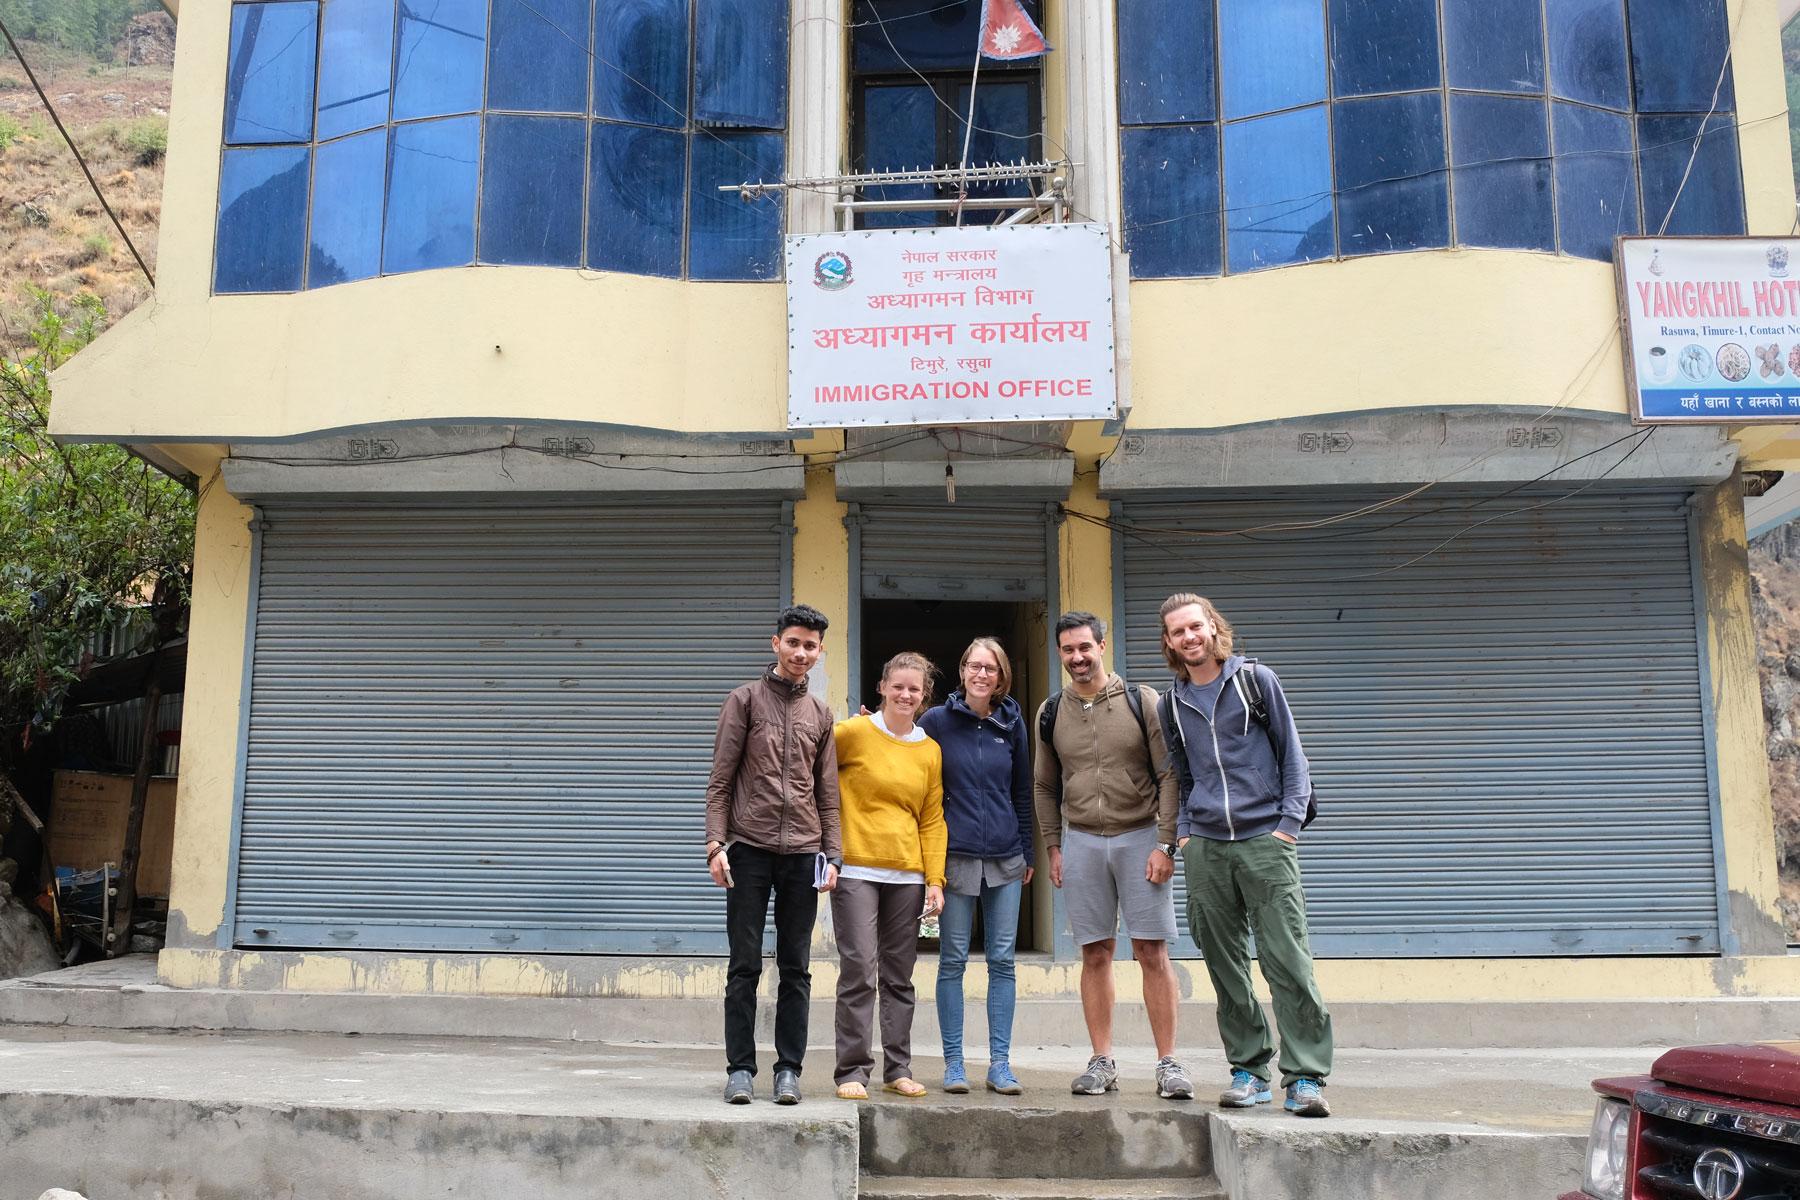 Leo und Sebastian stehen am Ausreisegebäude in Rasuwa Ghadhi in Nepal.